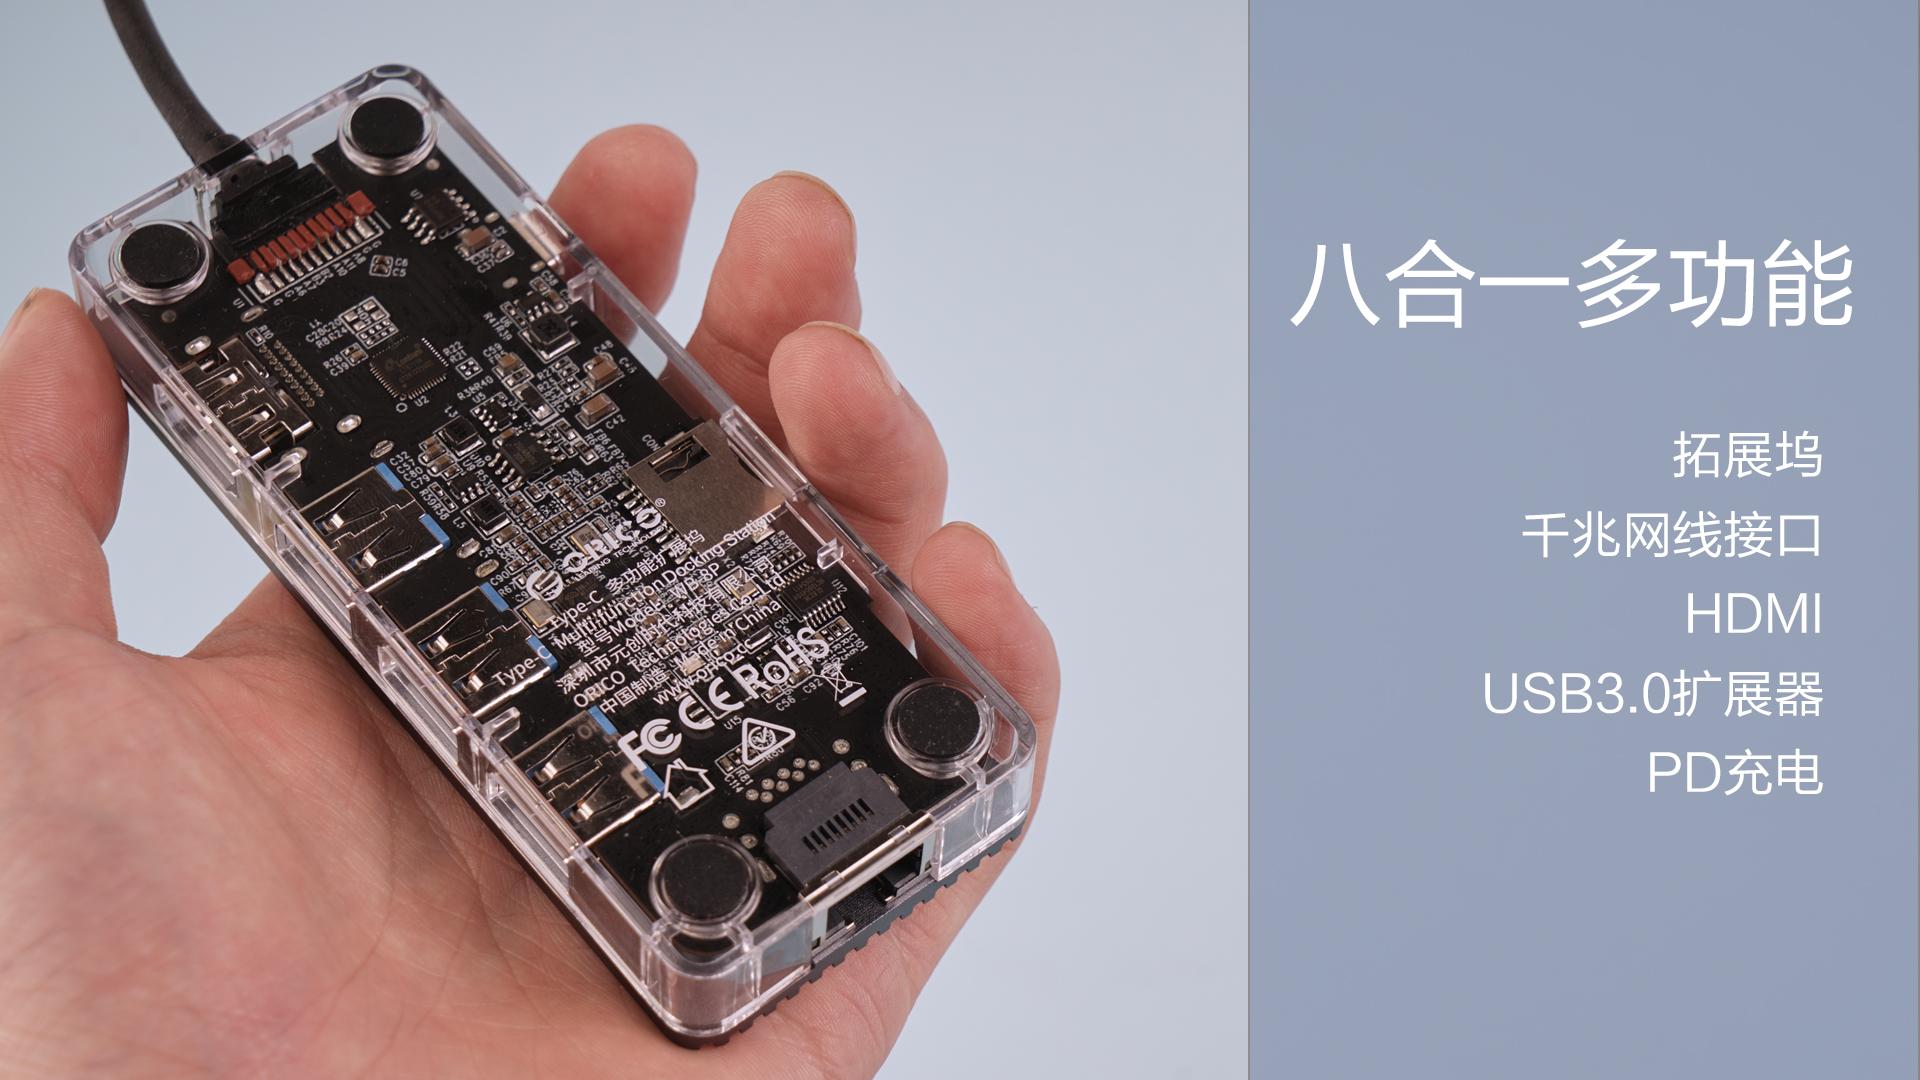 给你的手机升级加载超级强大的拓展功能,其中总有一项适合你  视频 科技 评测 orico 第1张